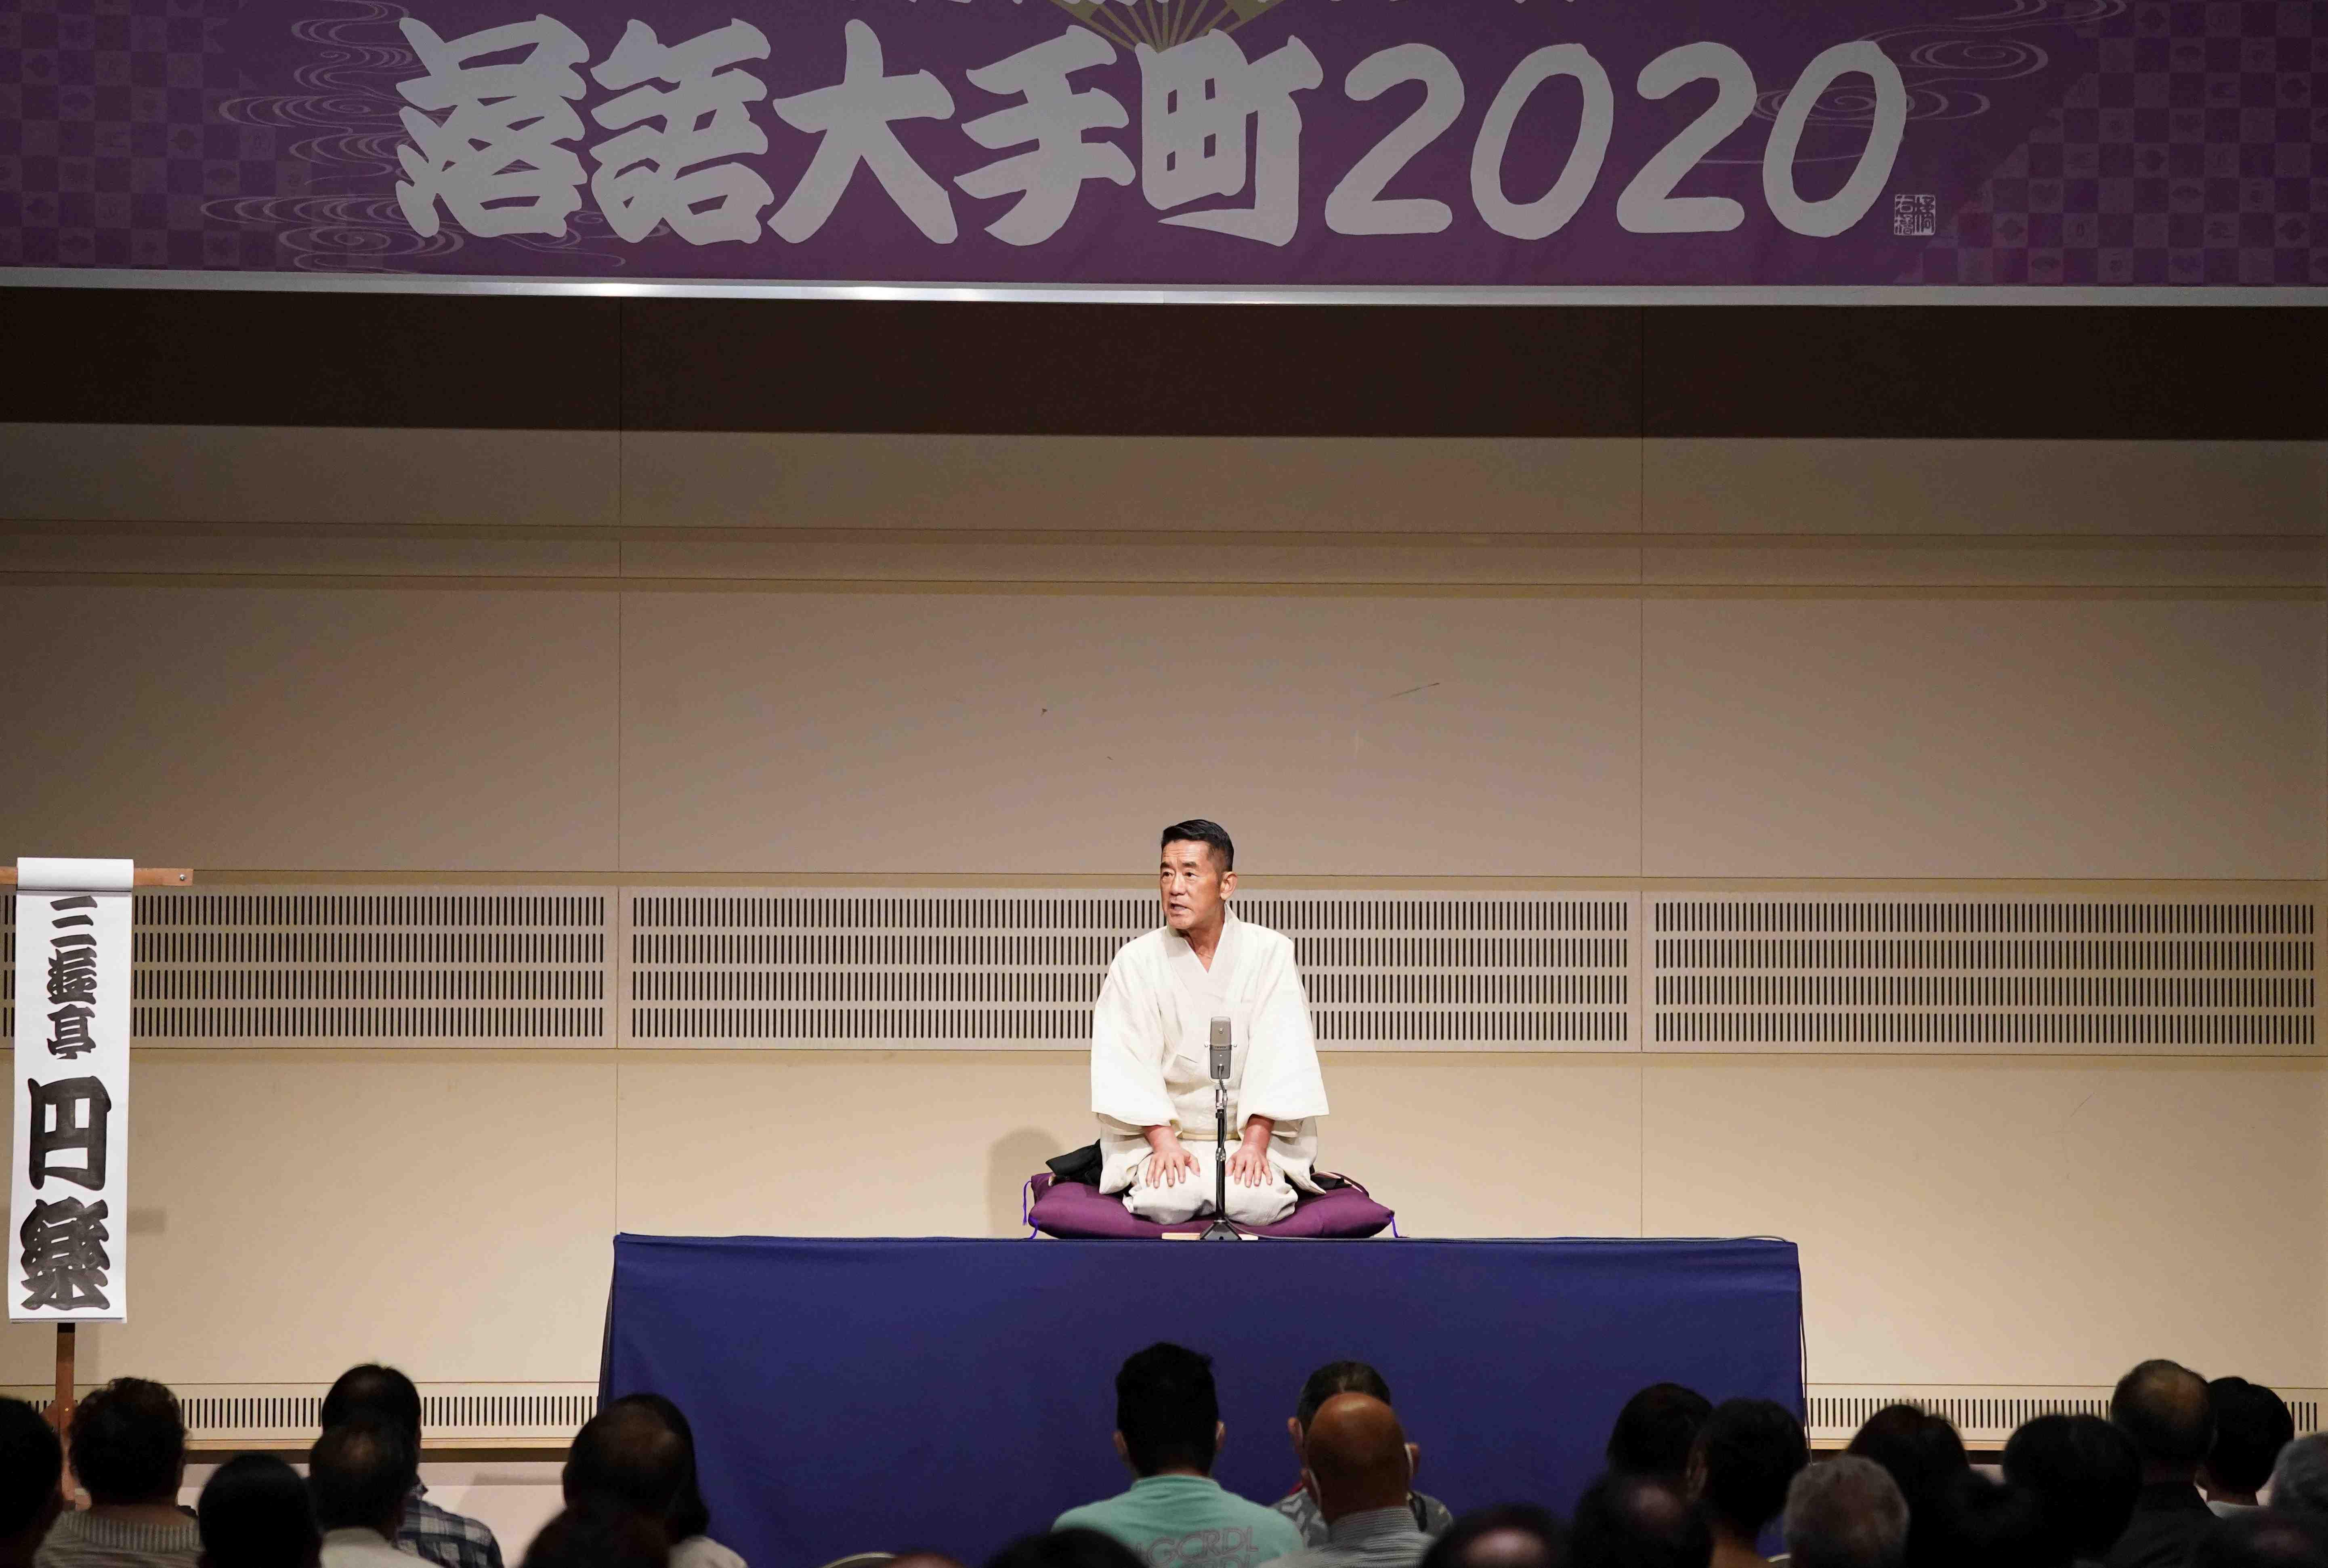 Rakugo Otemachi 2020